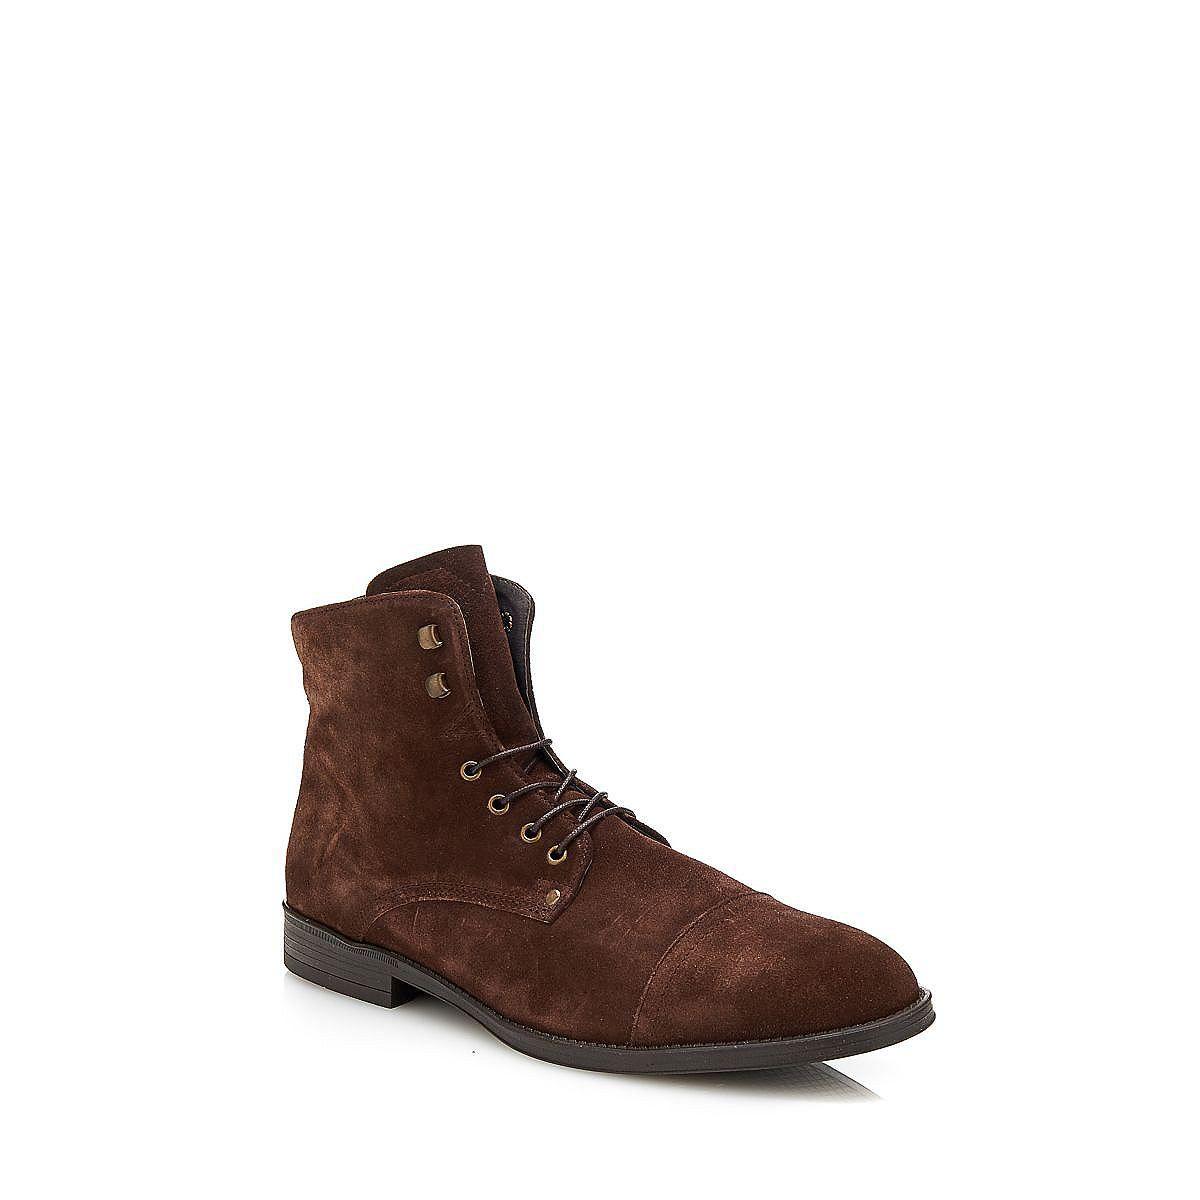 Stiefel Casual Leather Suede    Er ist gefüttert: Der Bootie ist die beste Wahl für einen modernen Look. Der Schuh aus Veloursleder hat eine Gummisohle, die für regnerisches Wetter perfekt ist.    Decksohle aus Leder, Innenmaterial aus Leder und Textil.  Gummisohle.  100% Echtes Leder....